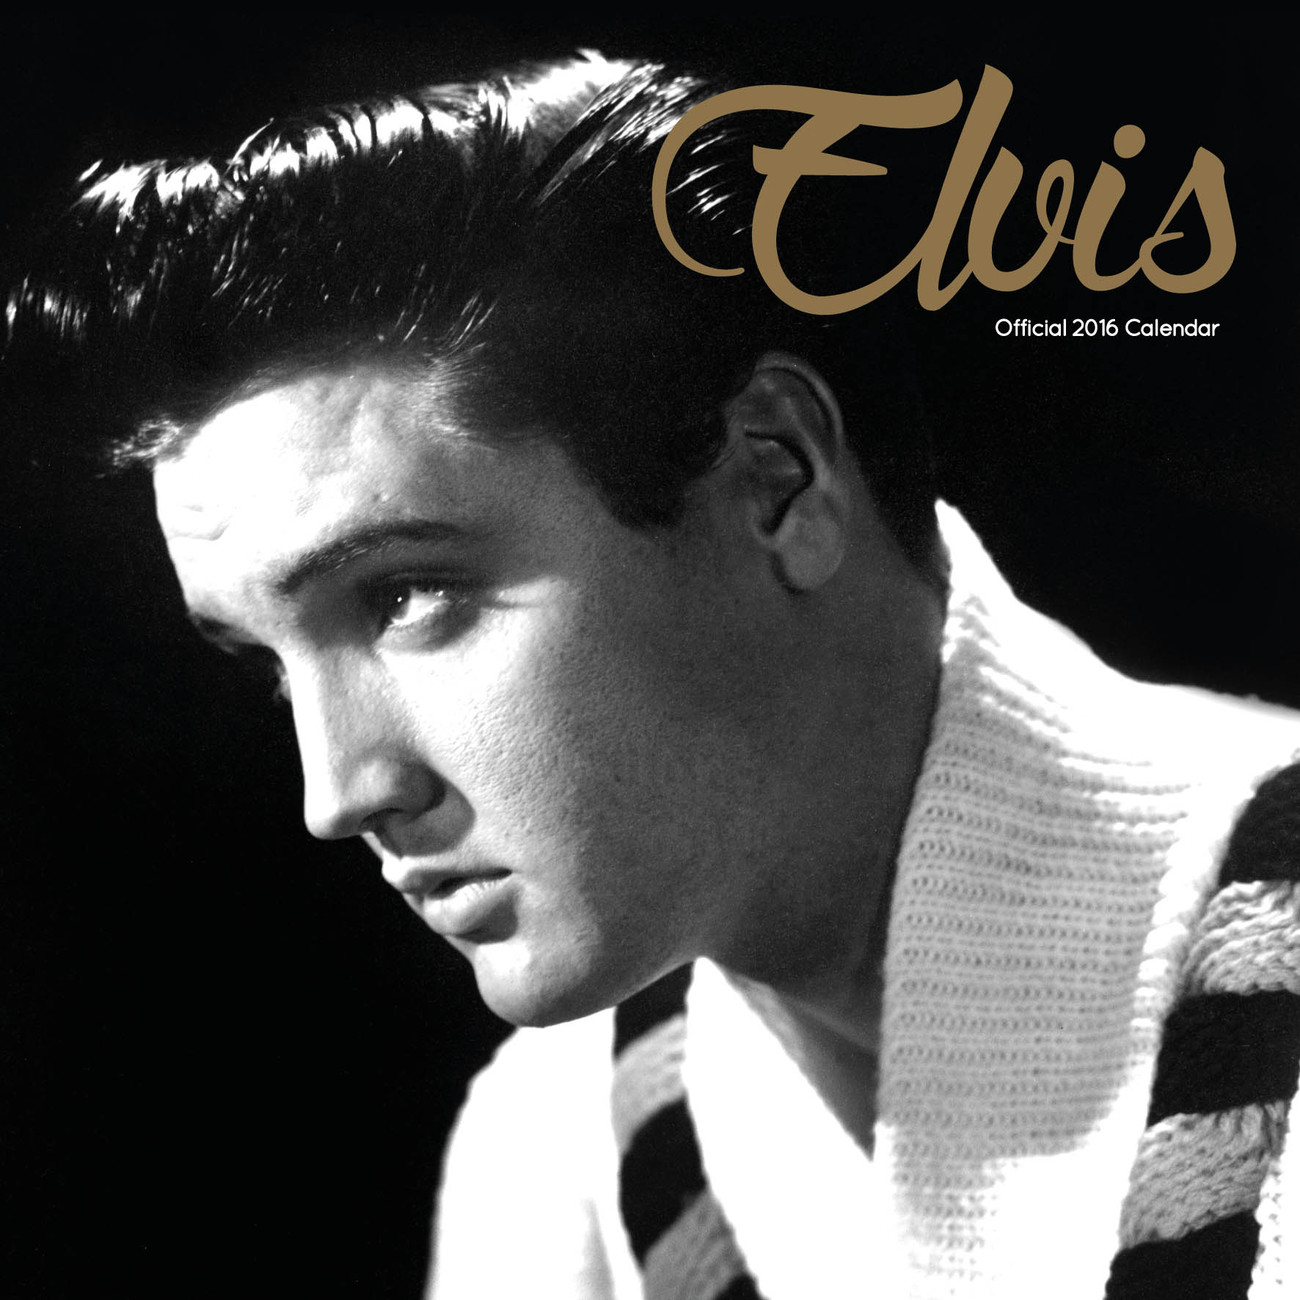 Elvis Calendar 2020 Elvis Presley   Calendars 2020 on UKposters/Abposters.com